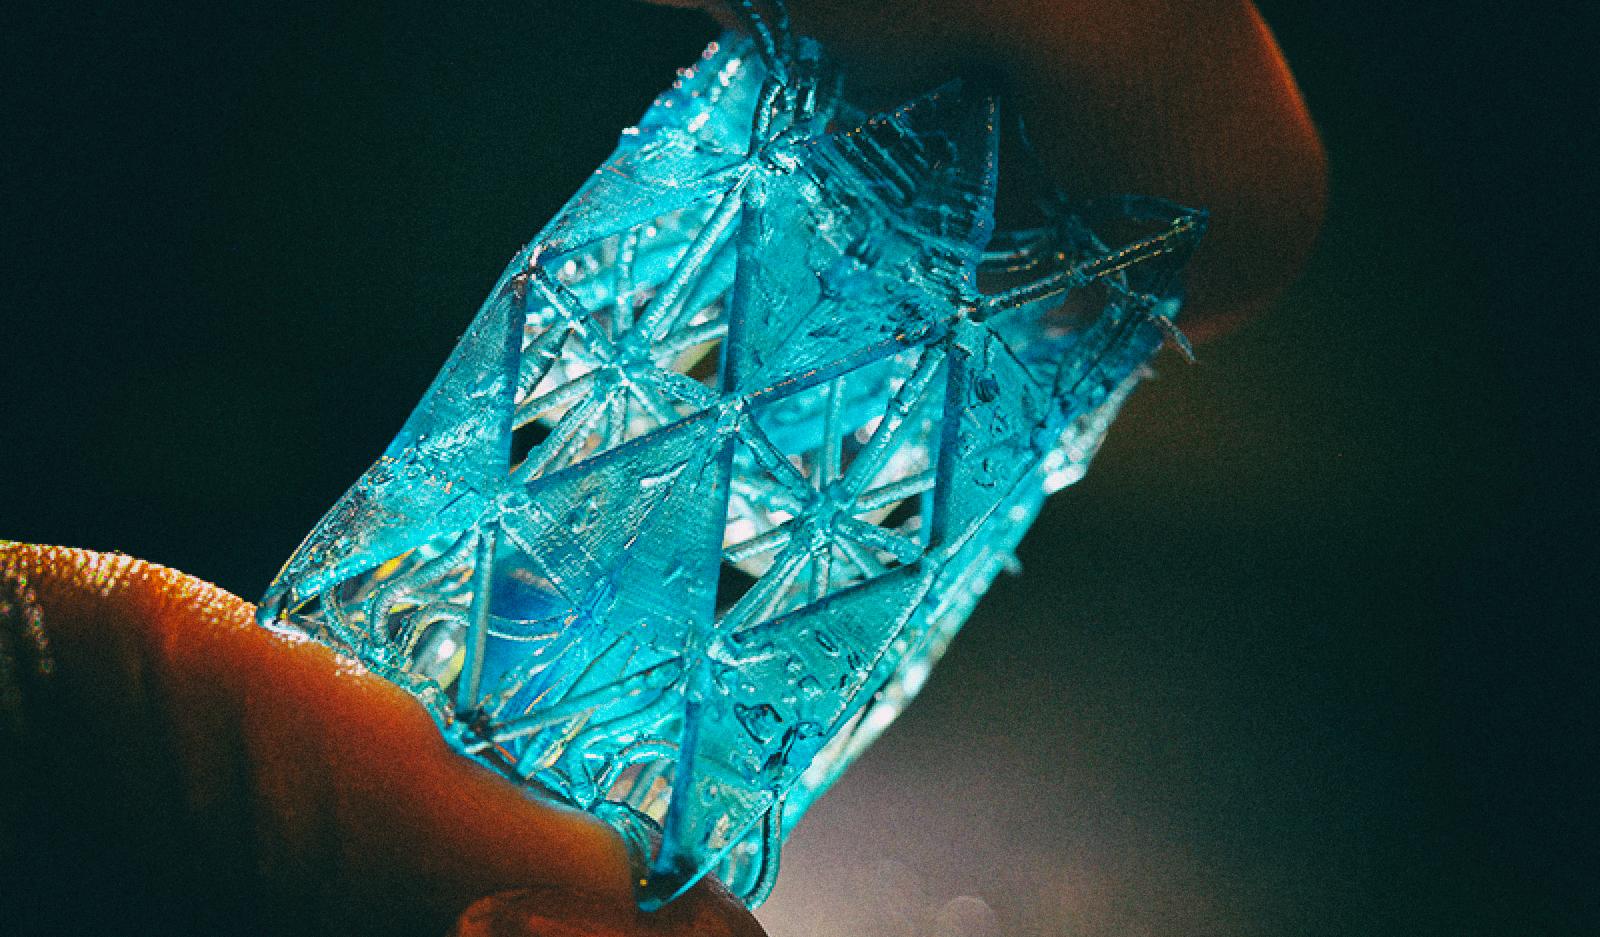 Стройматериалы будущего будут имитировать структуру костей